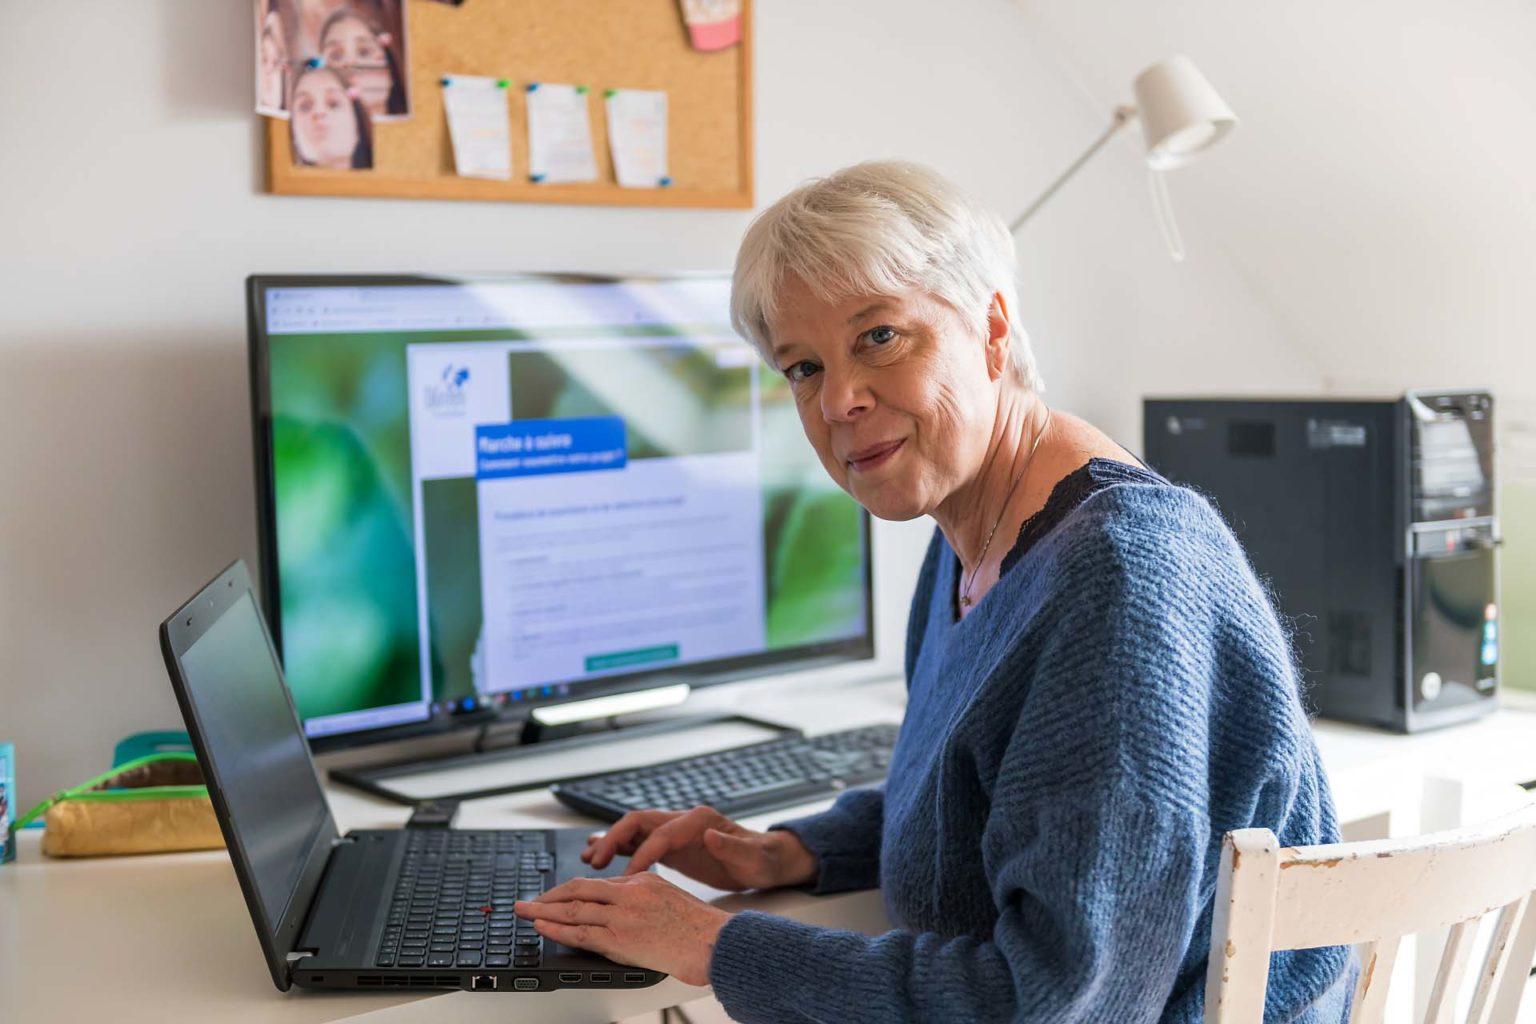 Pascale Van Obberghen à l'écriture devant son ordinateur